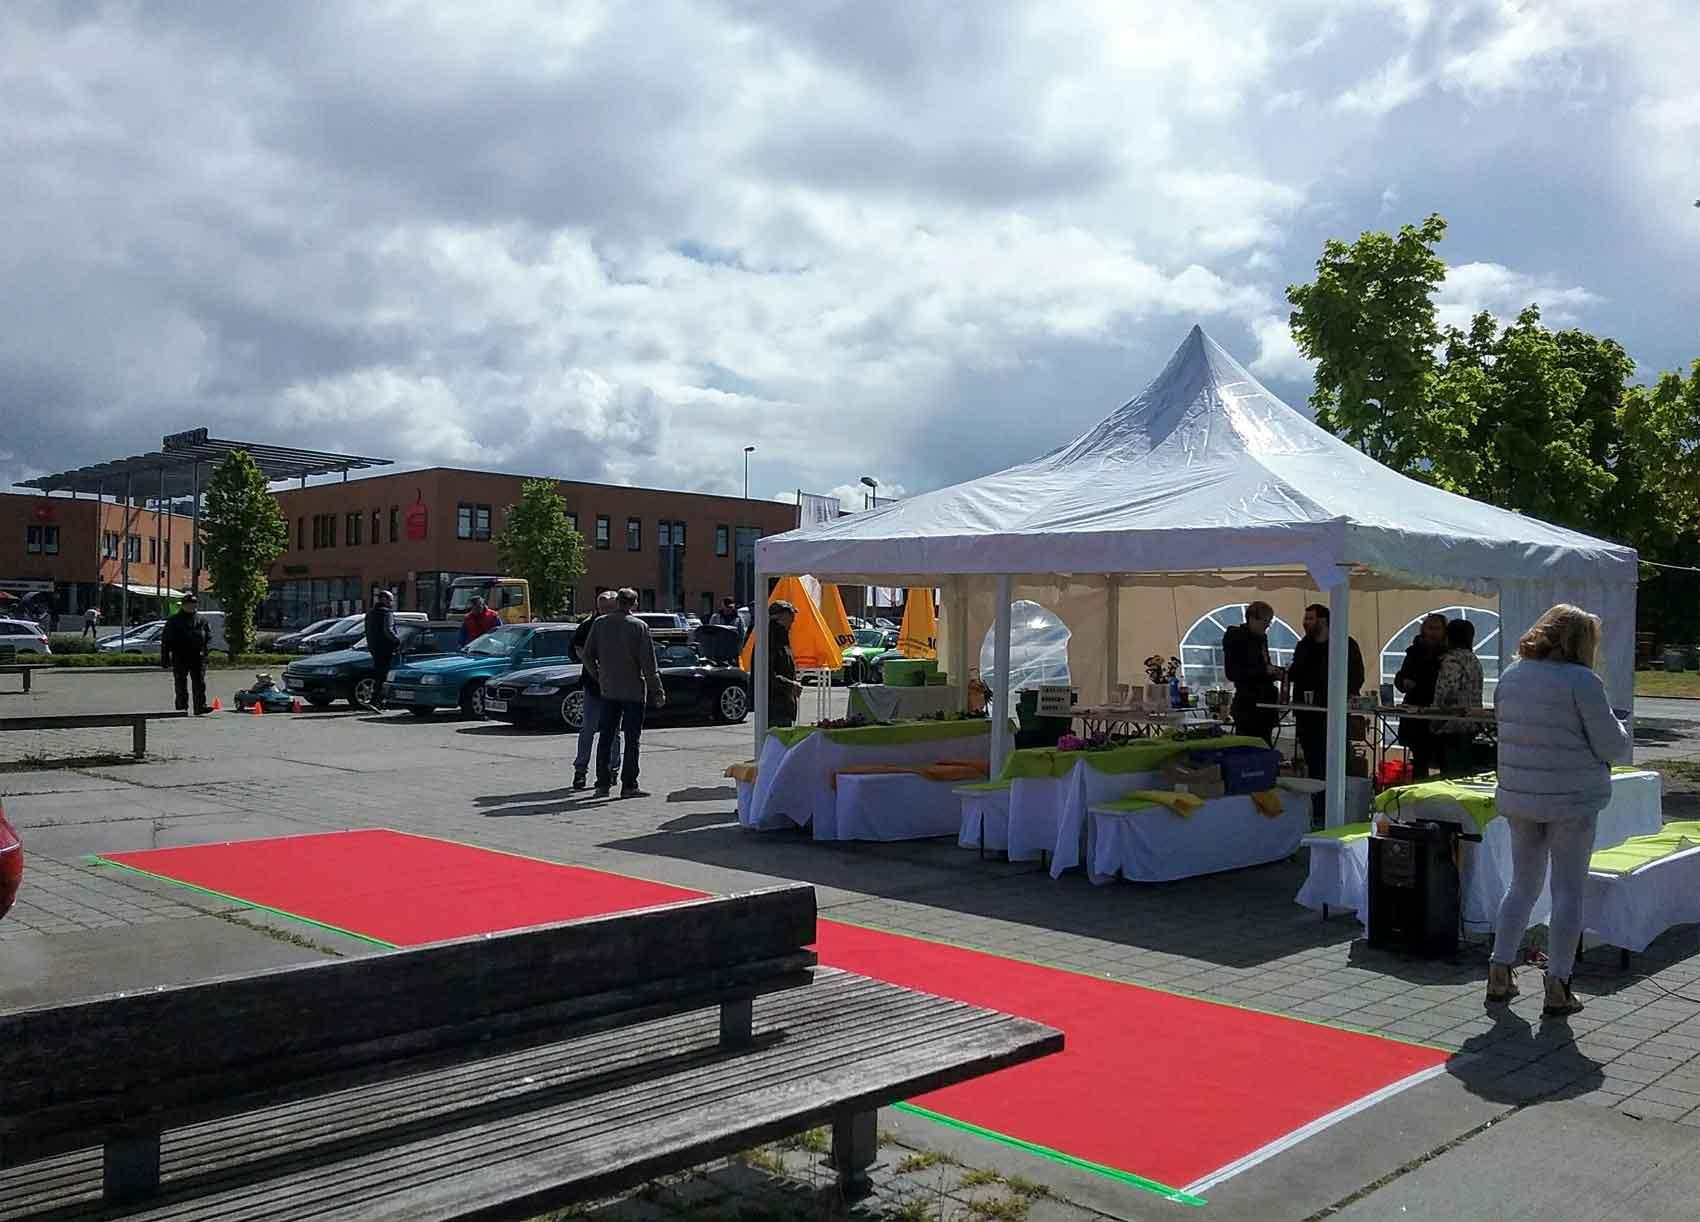 Cabriolet Treffen 2019 in Oberhausen